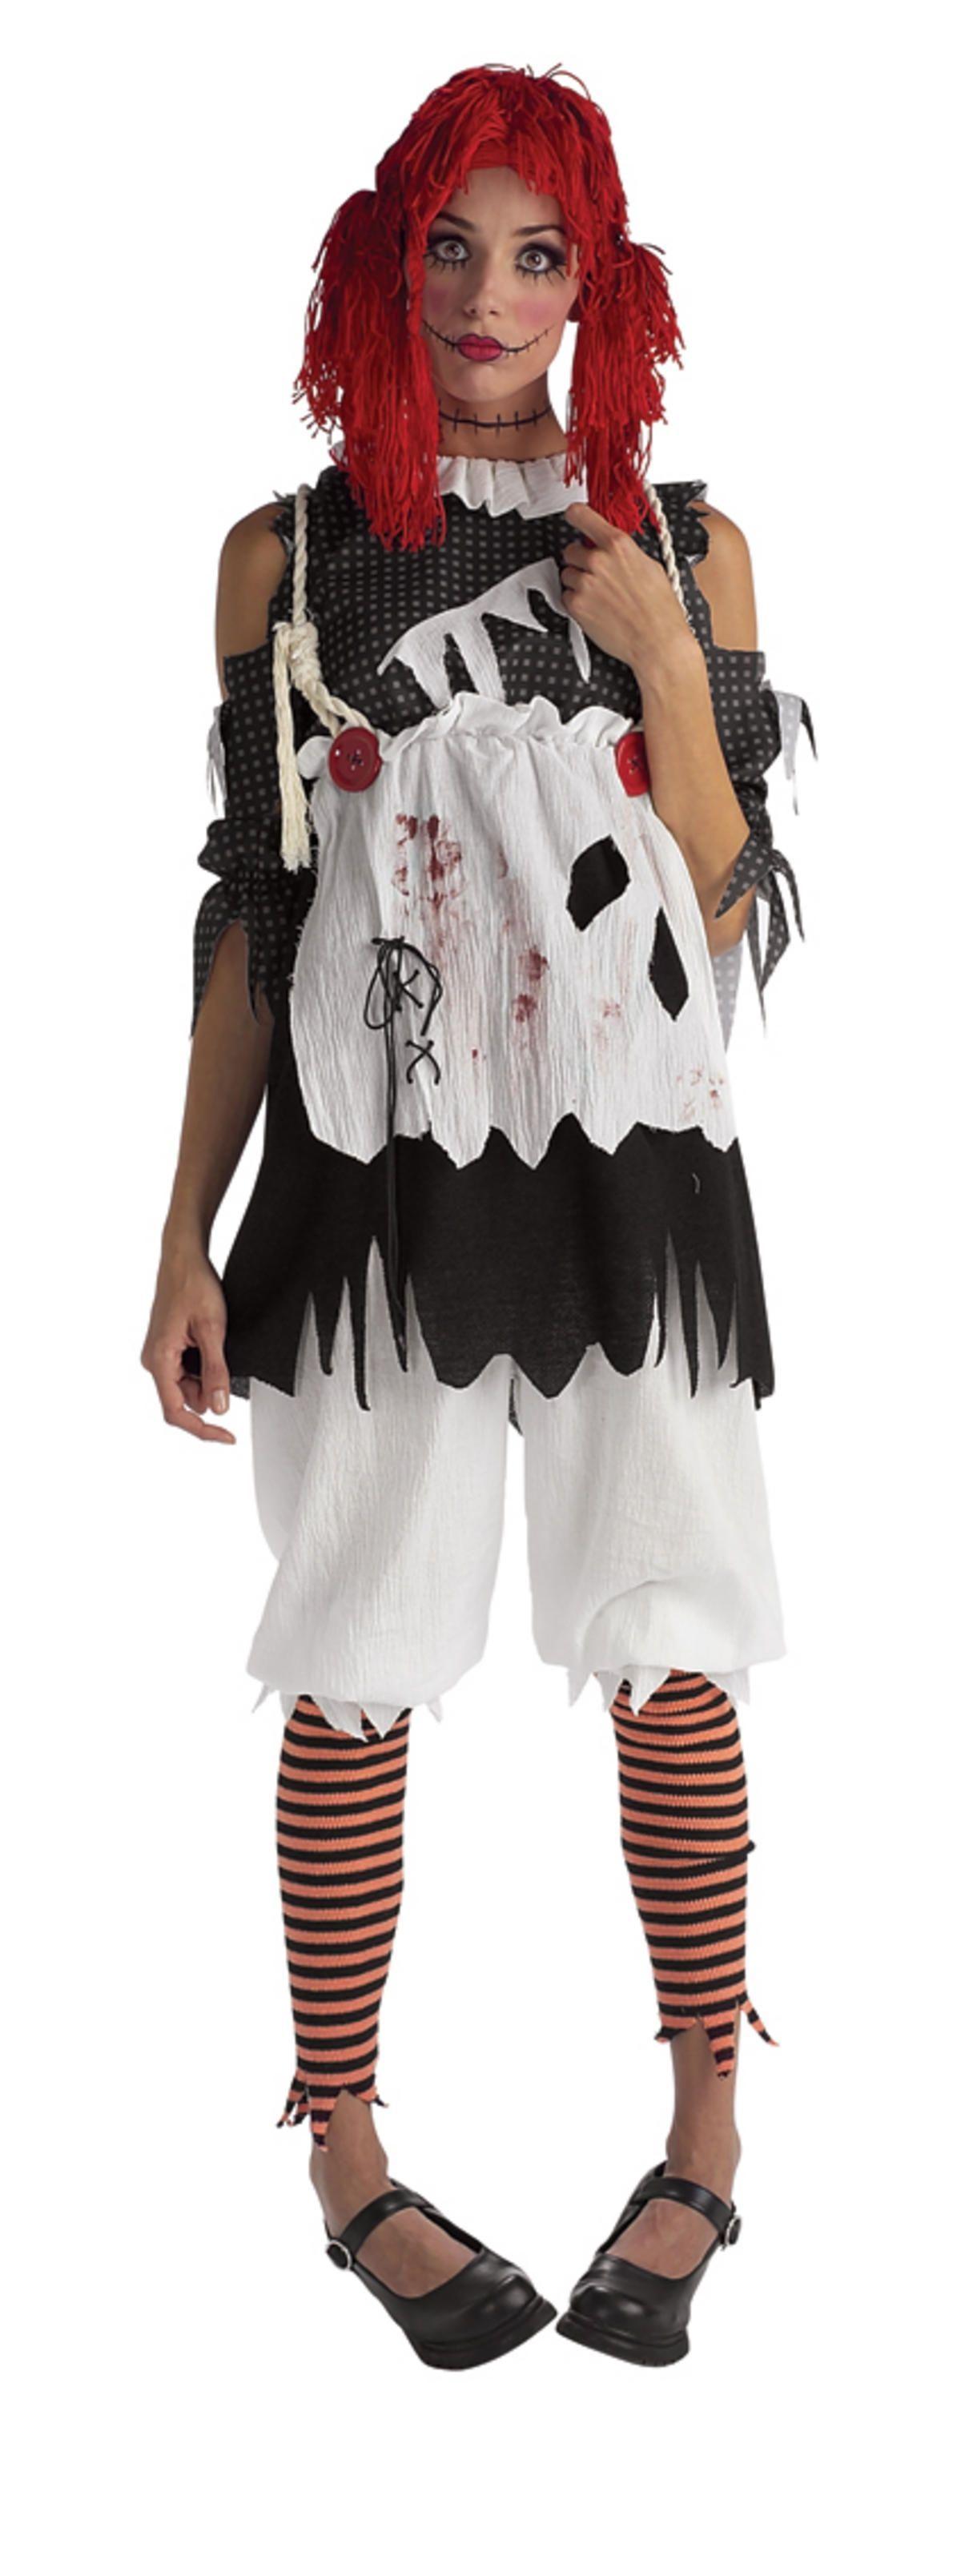 Как сделать хэллоуин костюмы